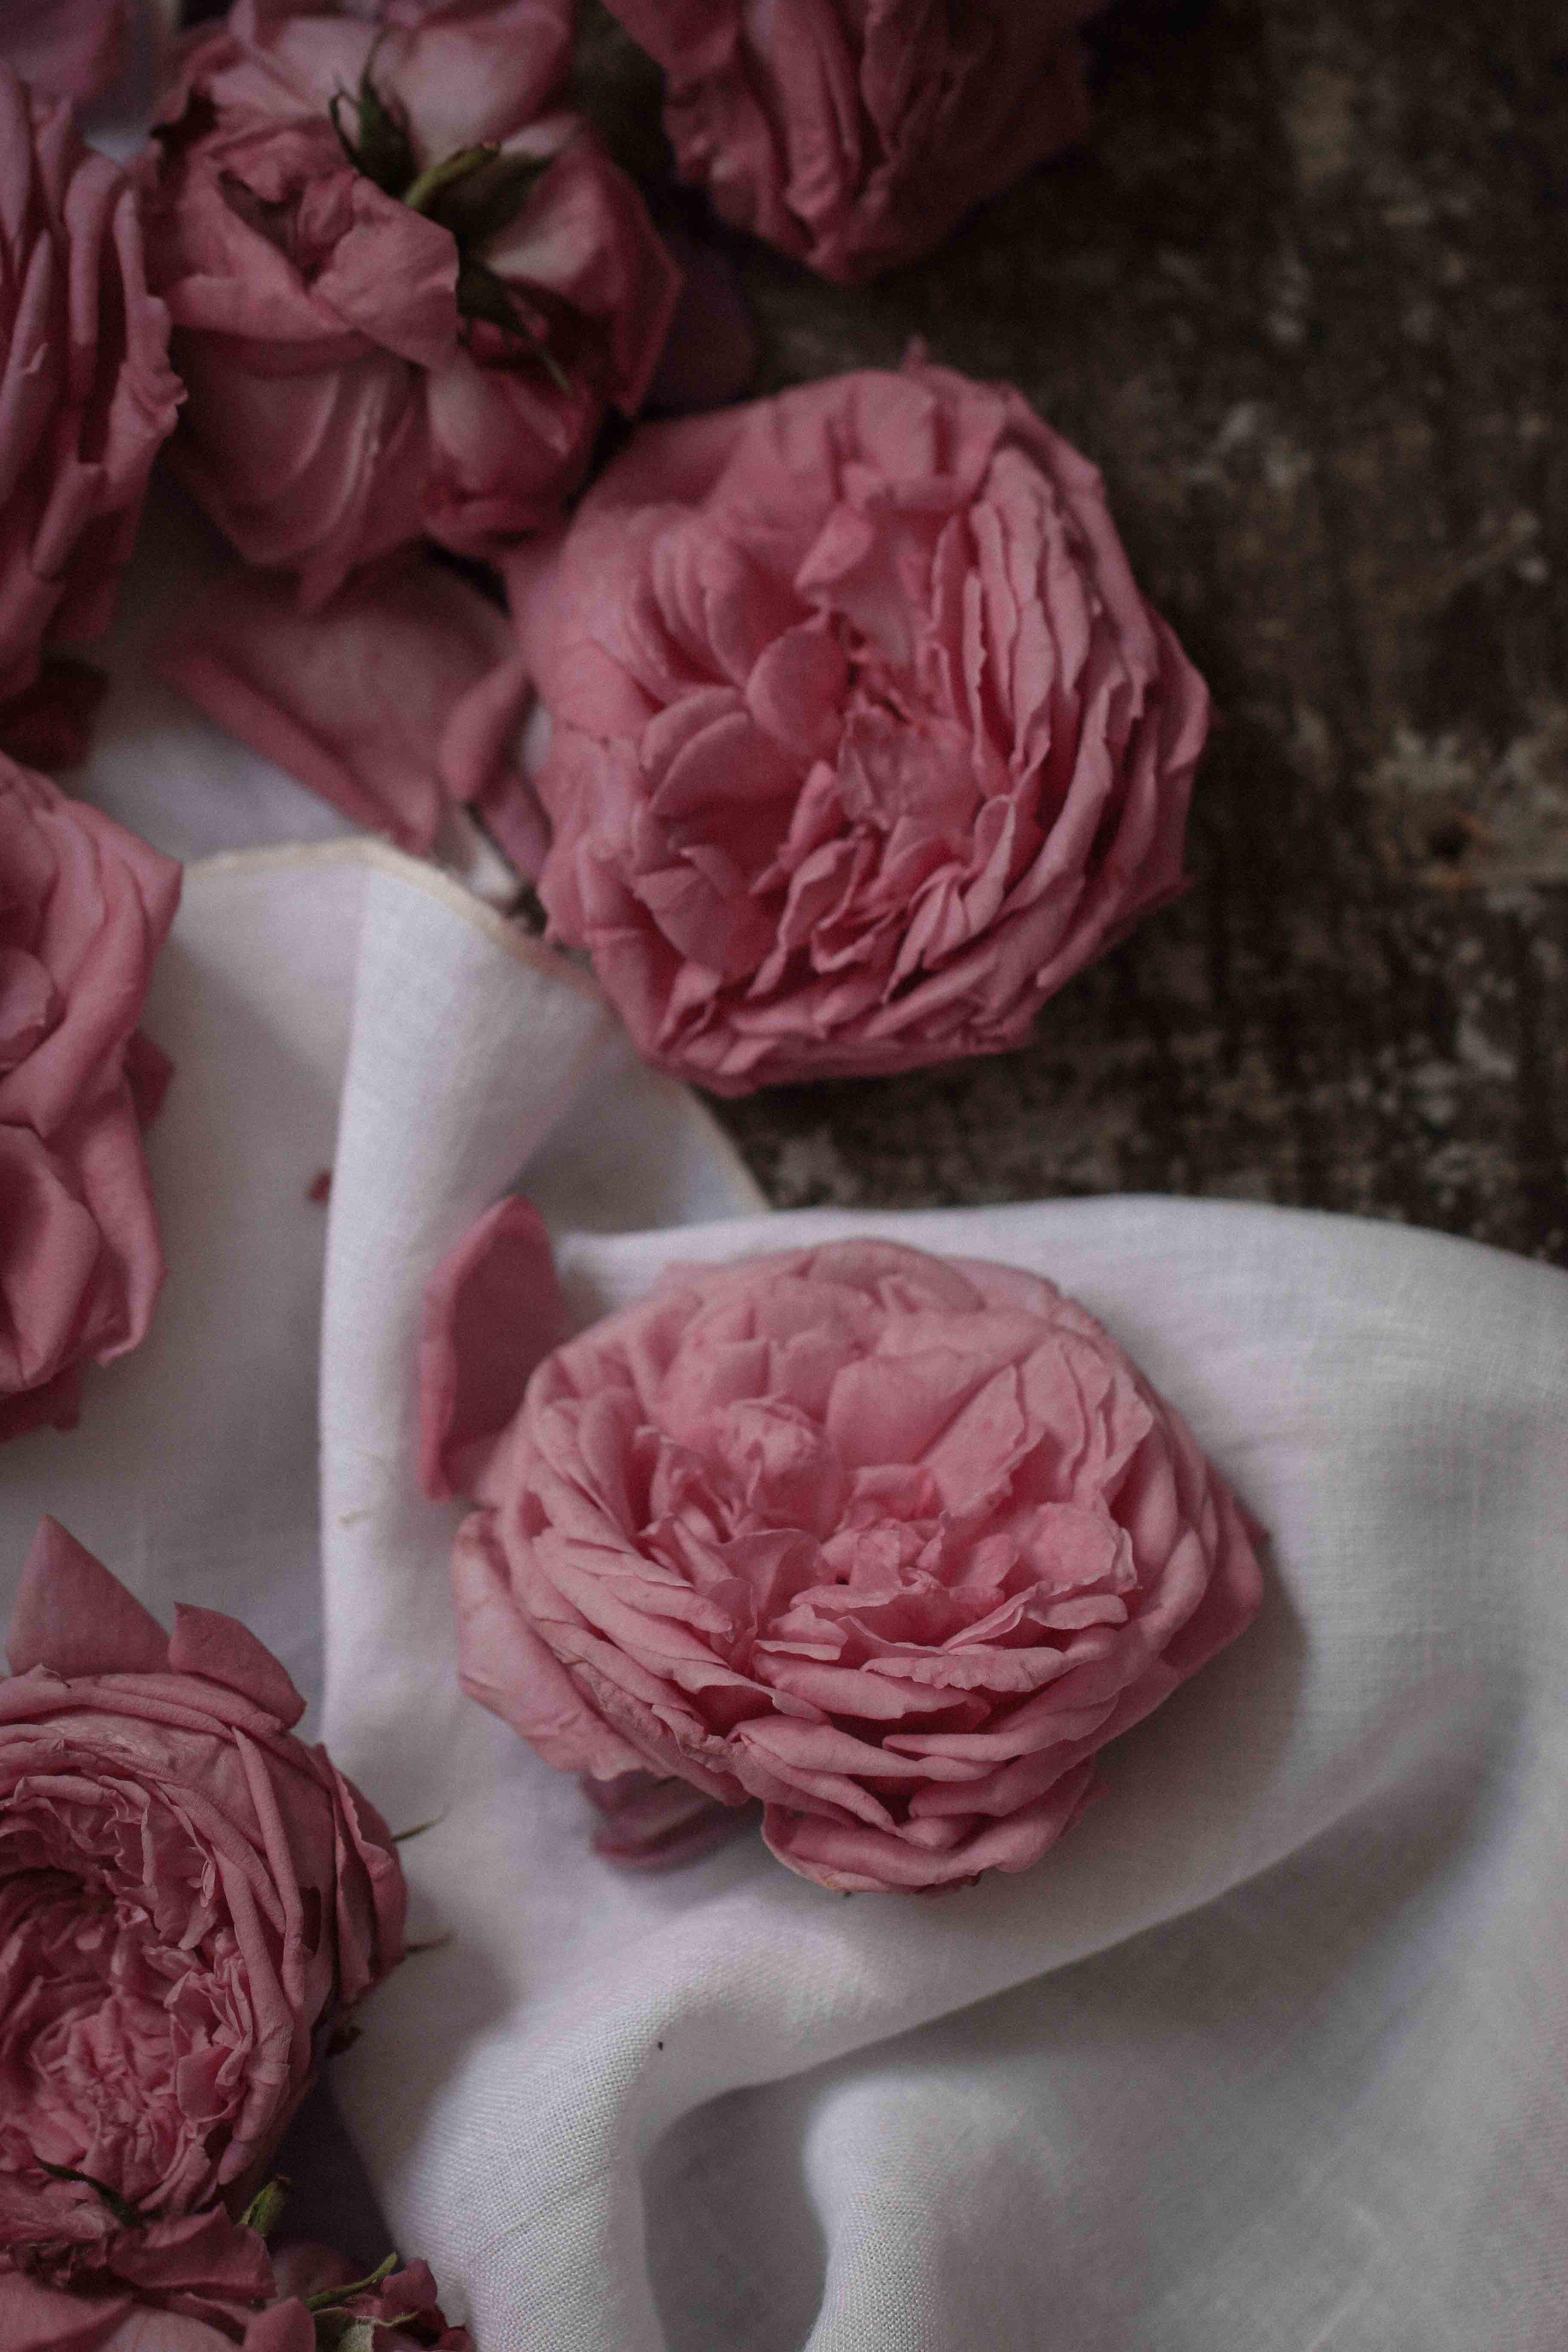 rose_sherbet-22.jpg